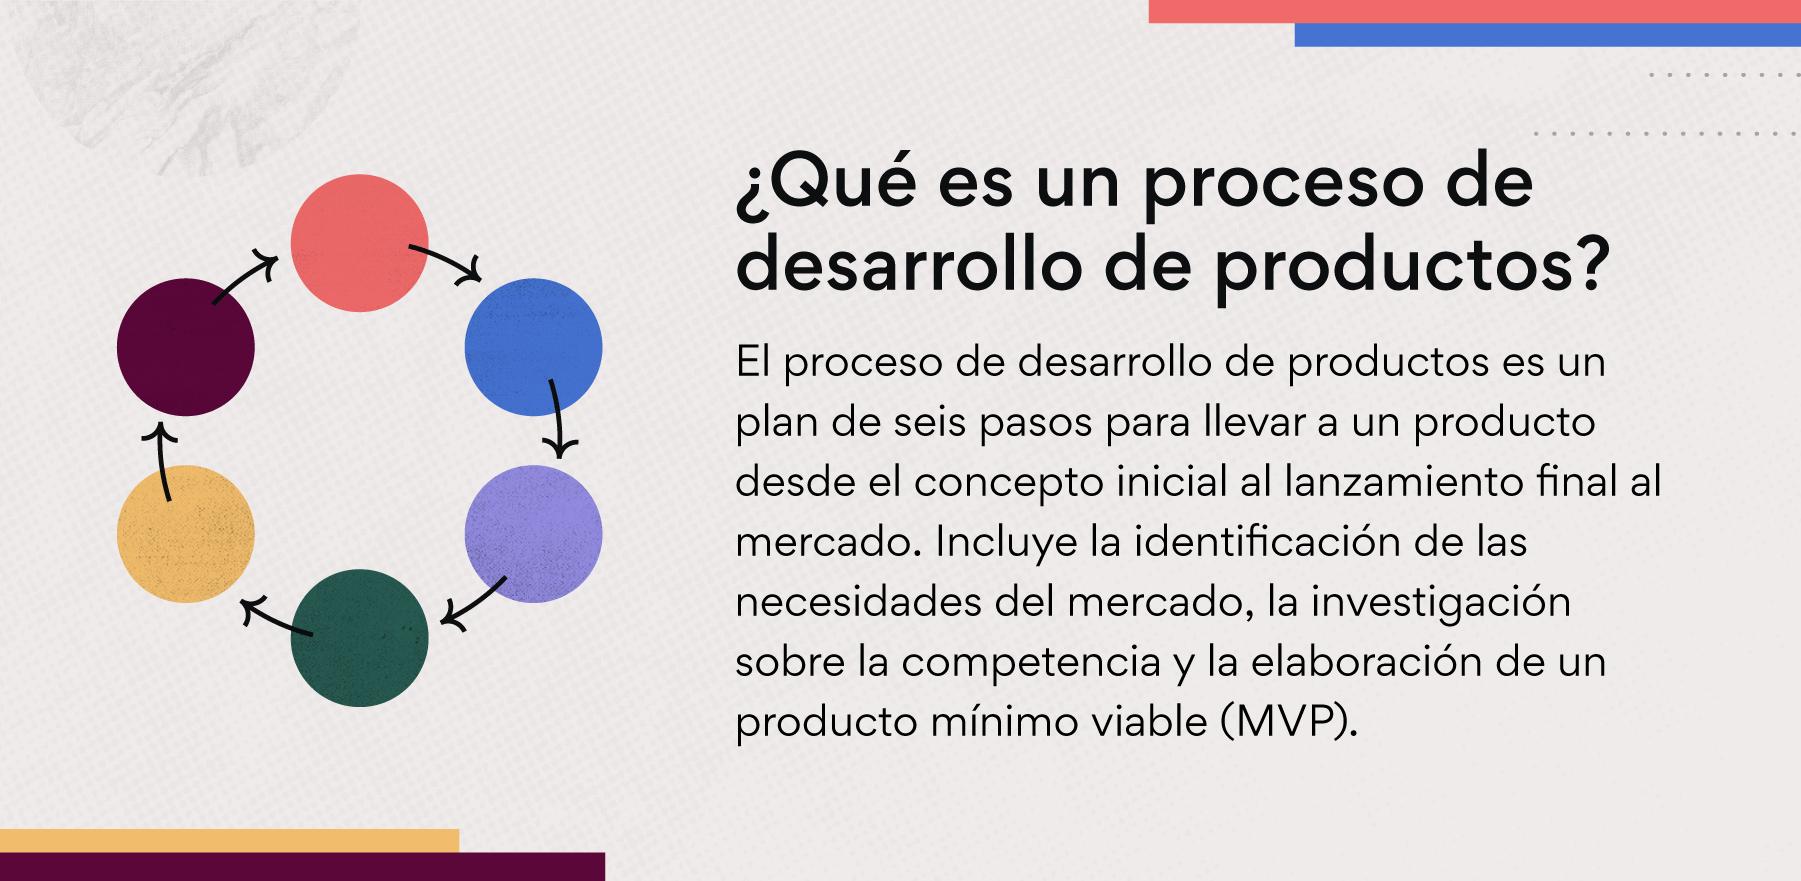 ¿Qué es un proceso de desarrollo de productos?